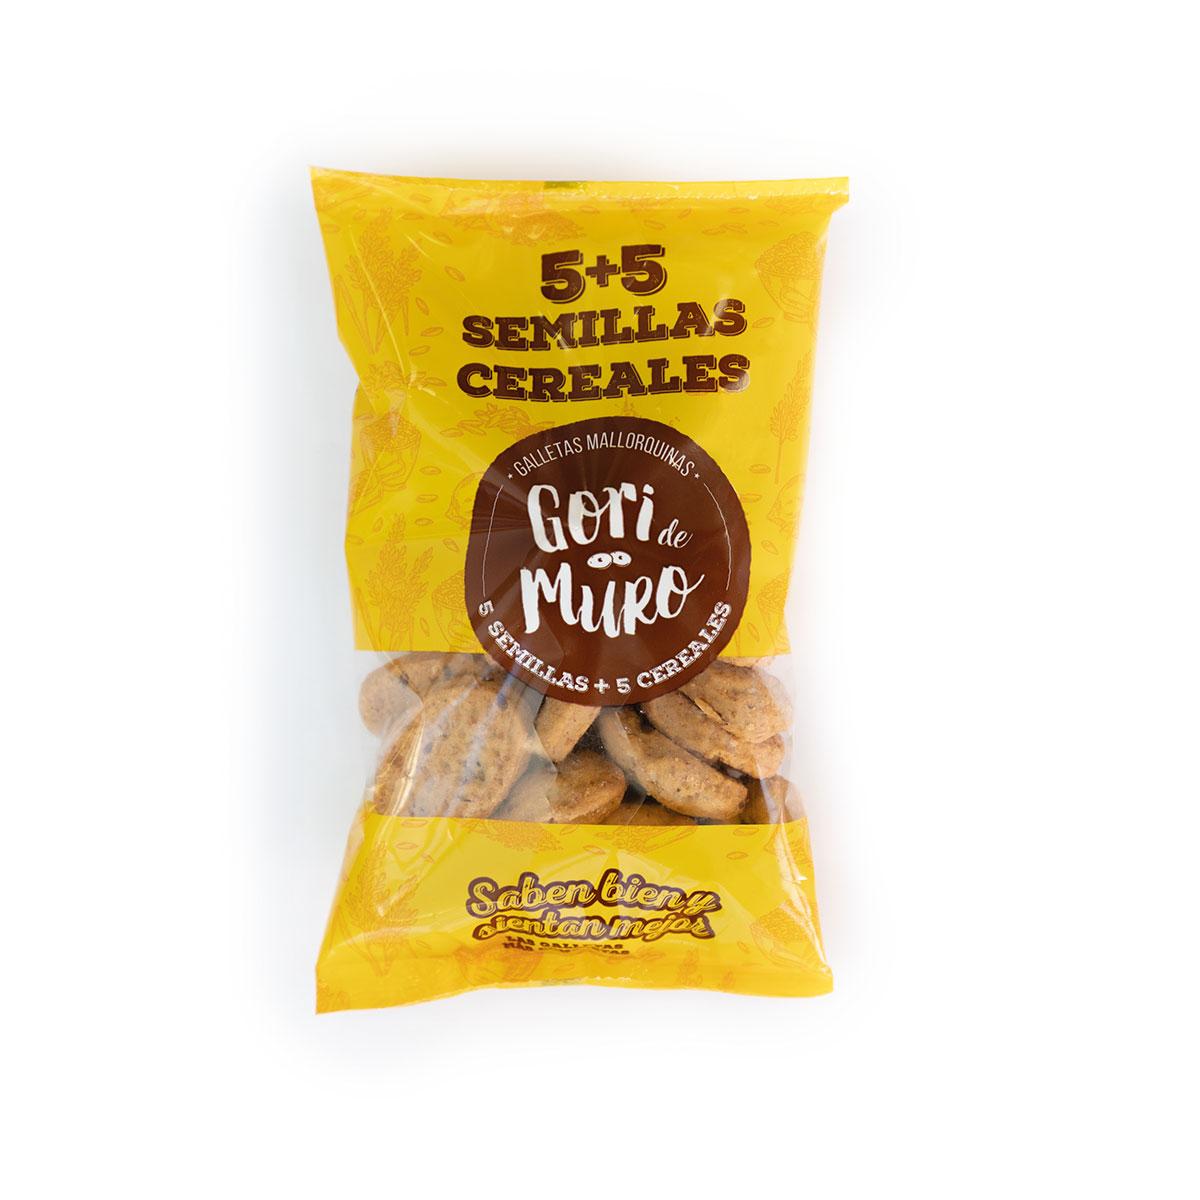 Galletas de aceite mallorquinas 5 semillas + 5 cereales